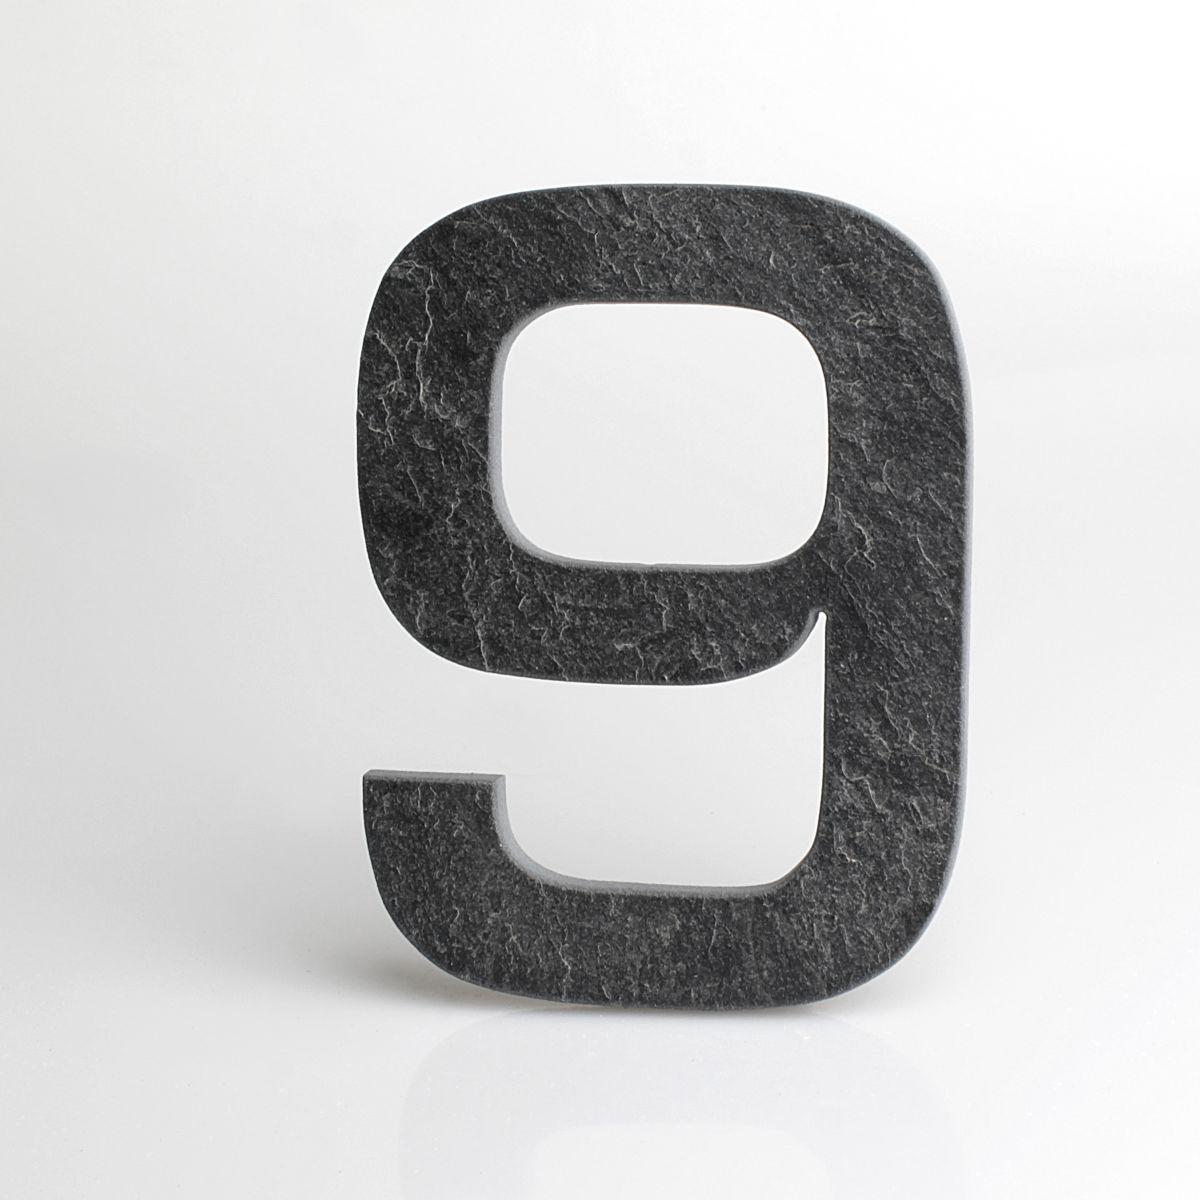 Domovní číslo popisné Břidlice EUROMODE - č. 9